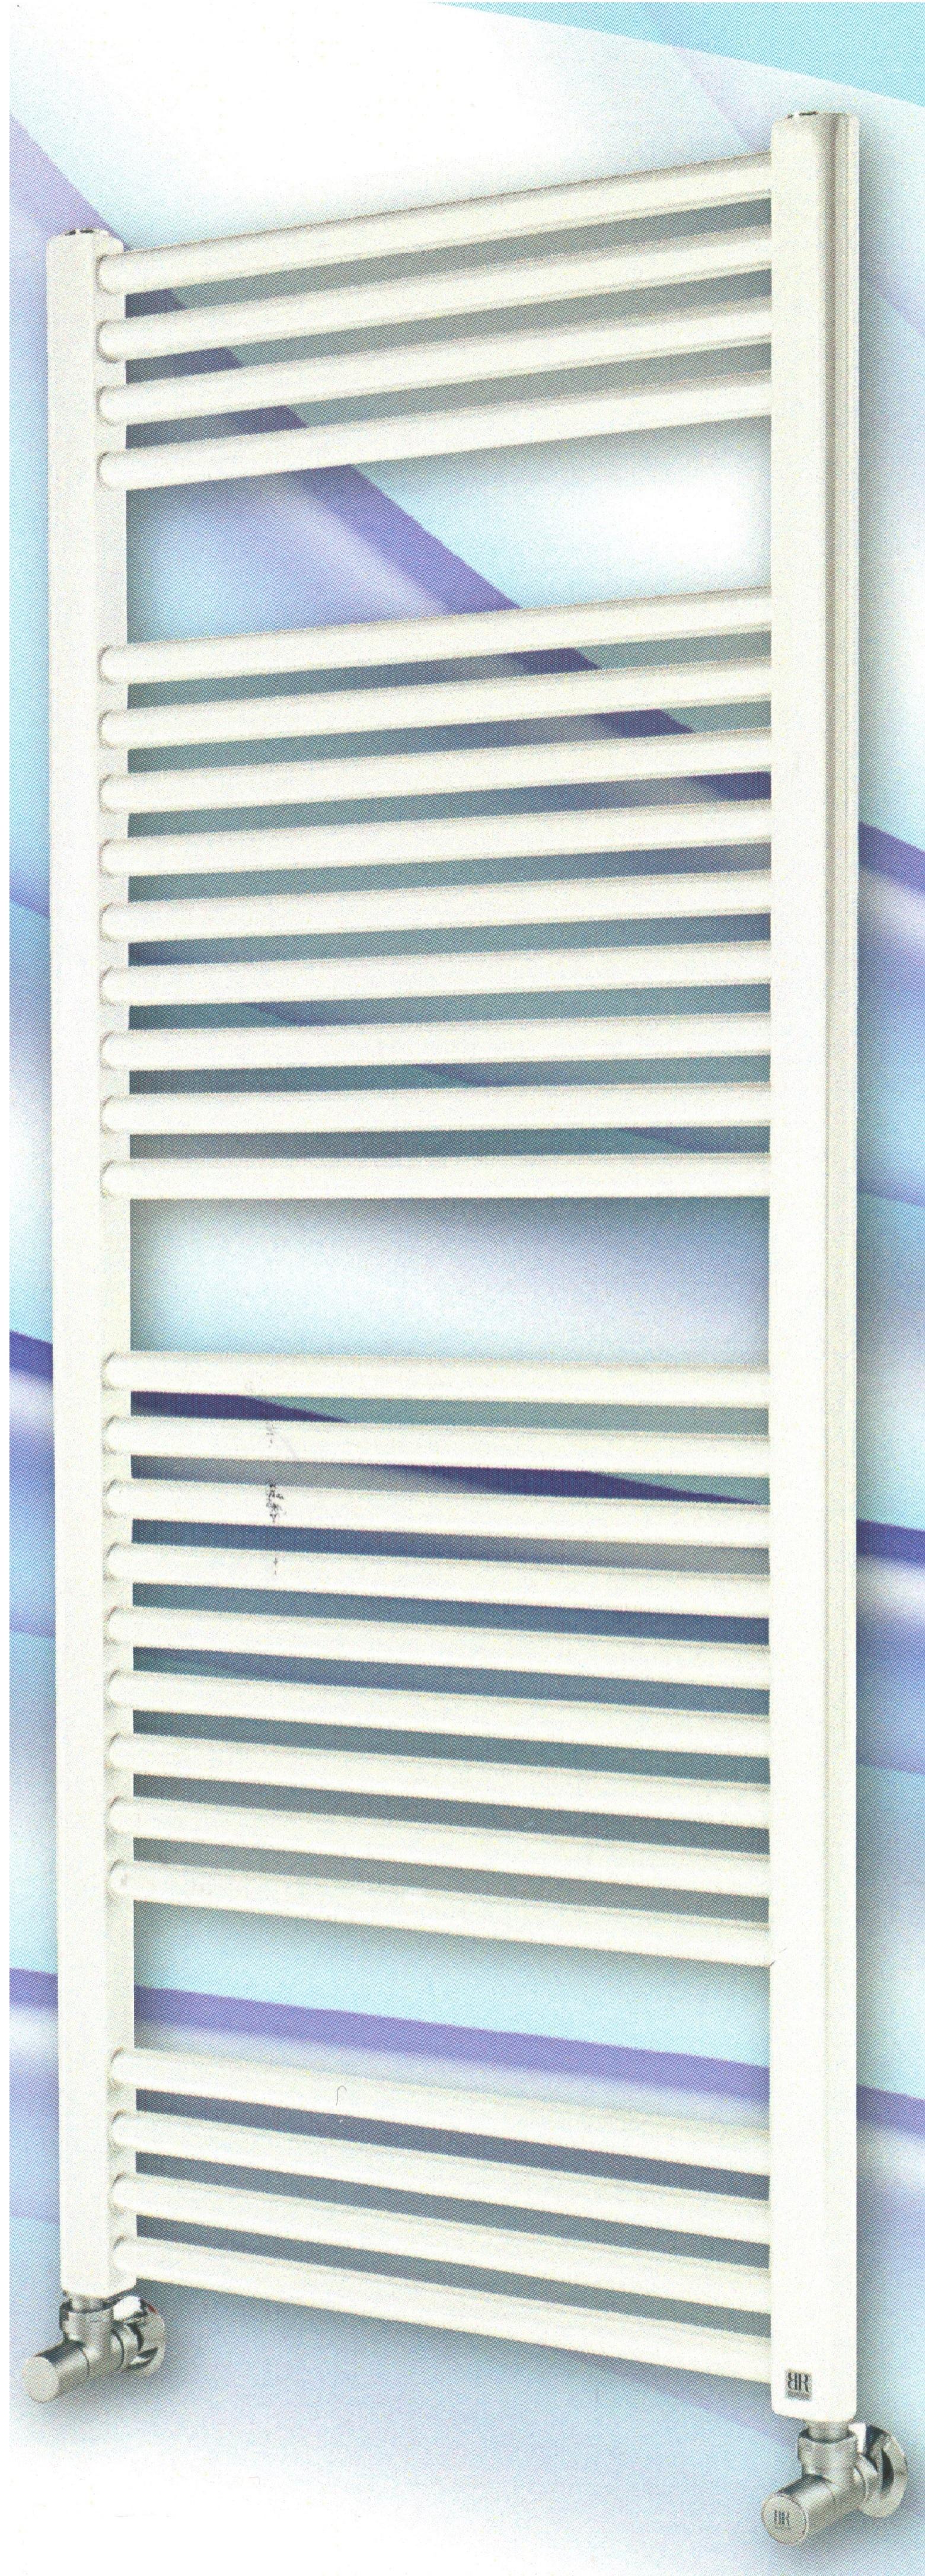 Radiatore scaldasalviette bianco 550x1150